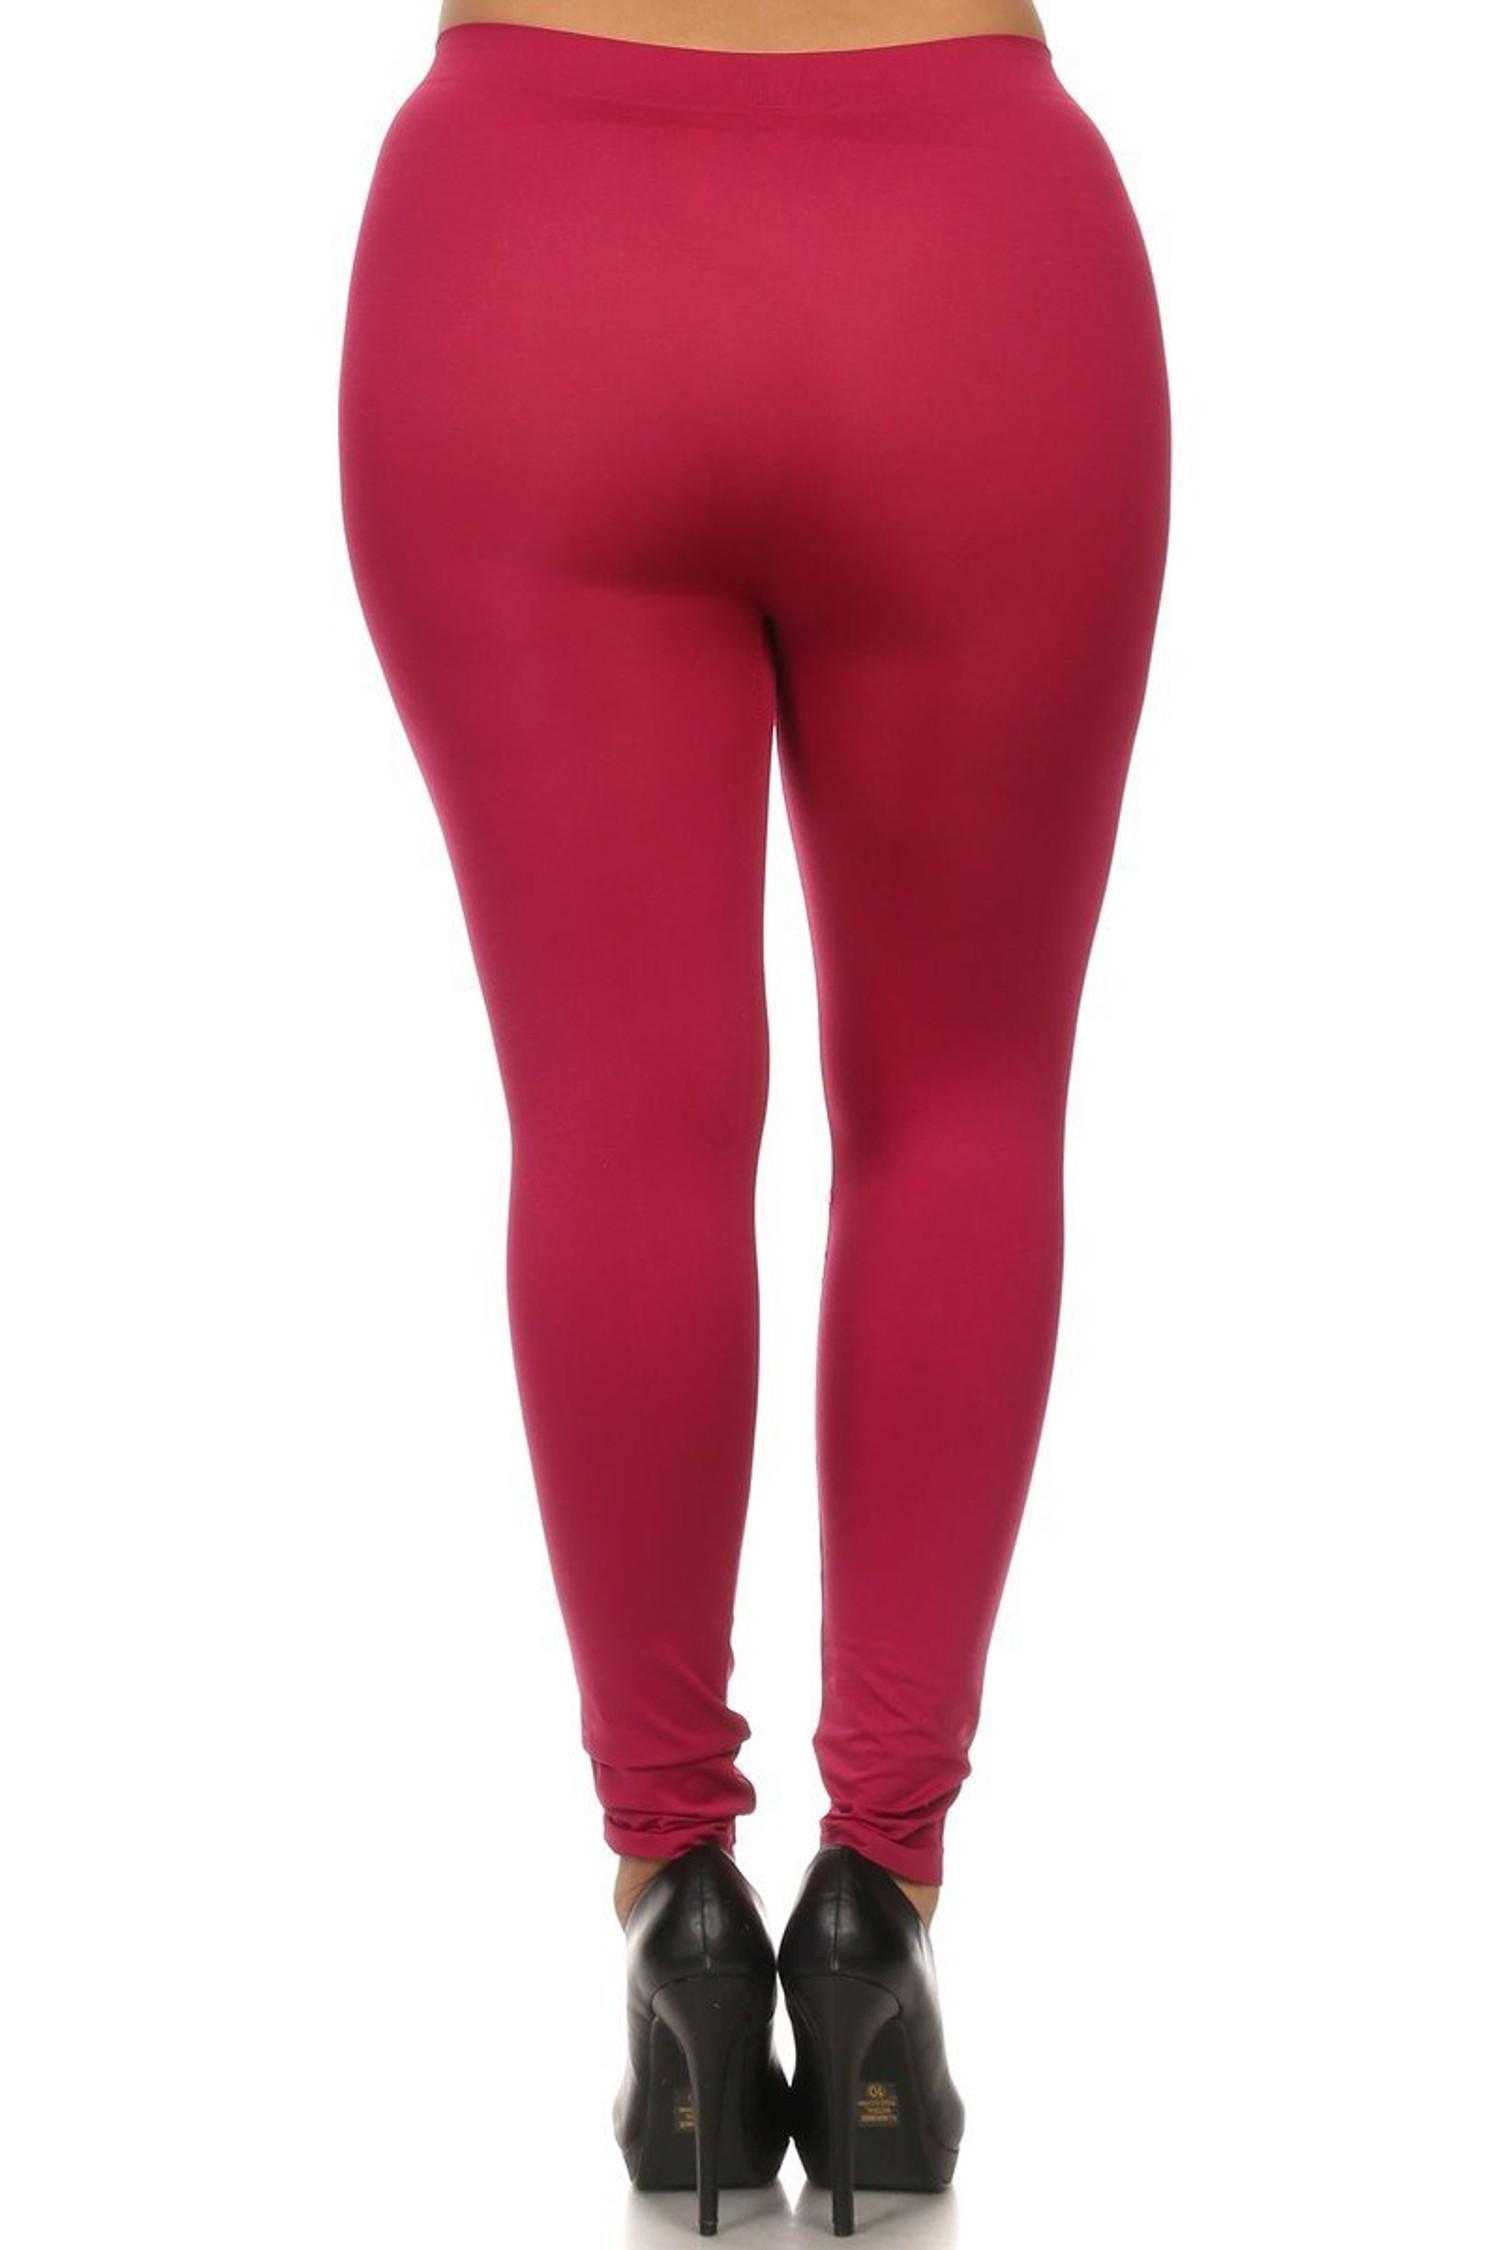 Raspberry Full Length Nylon Spandex Leggings - Plus Size